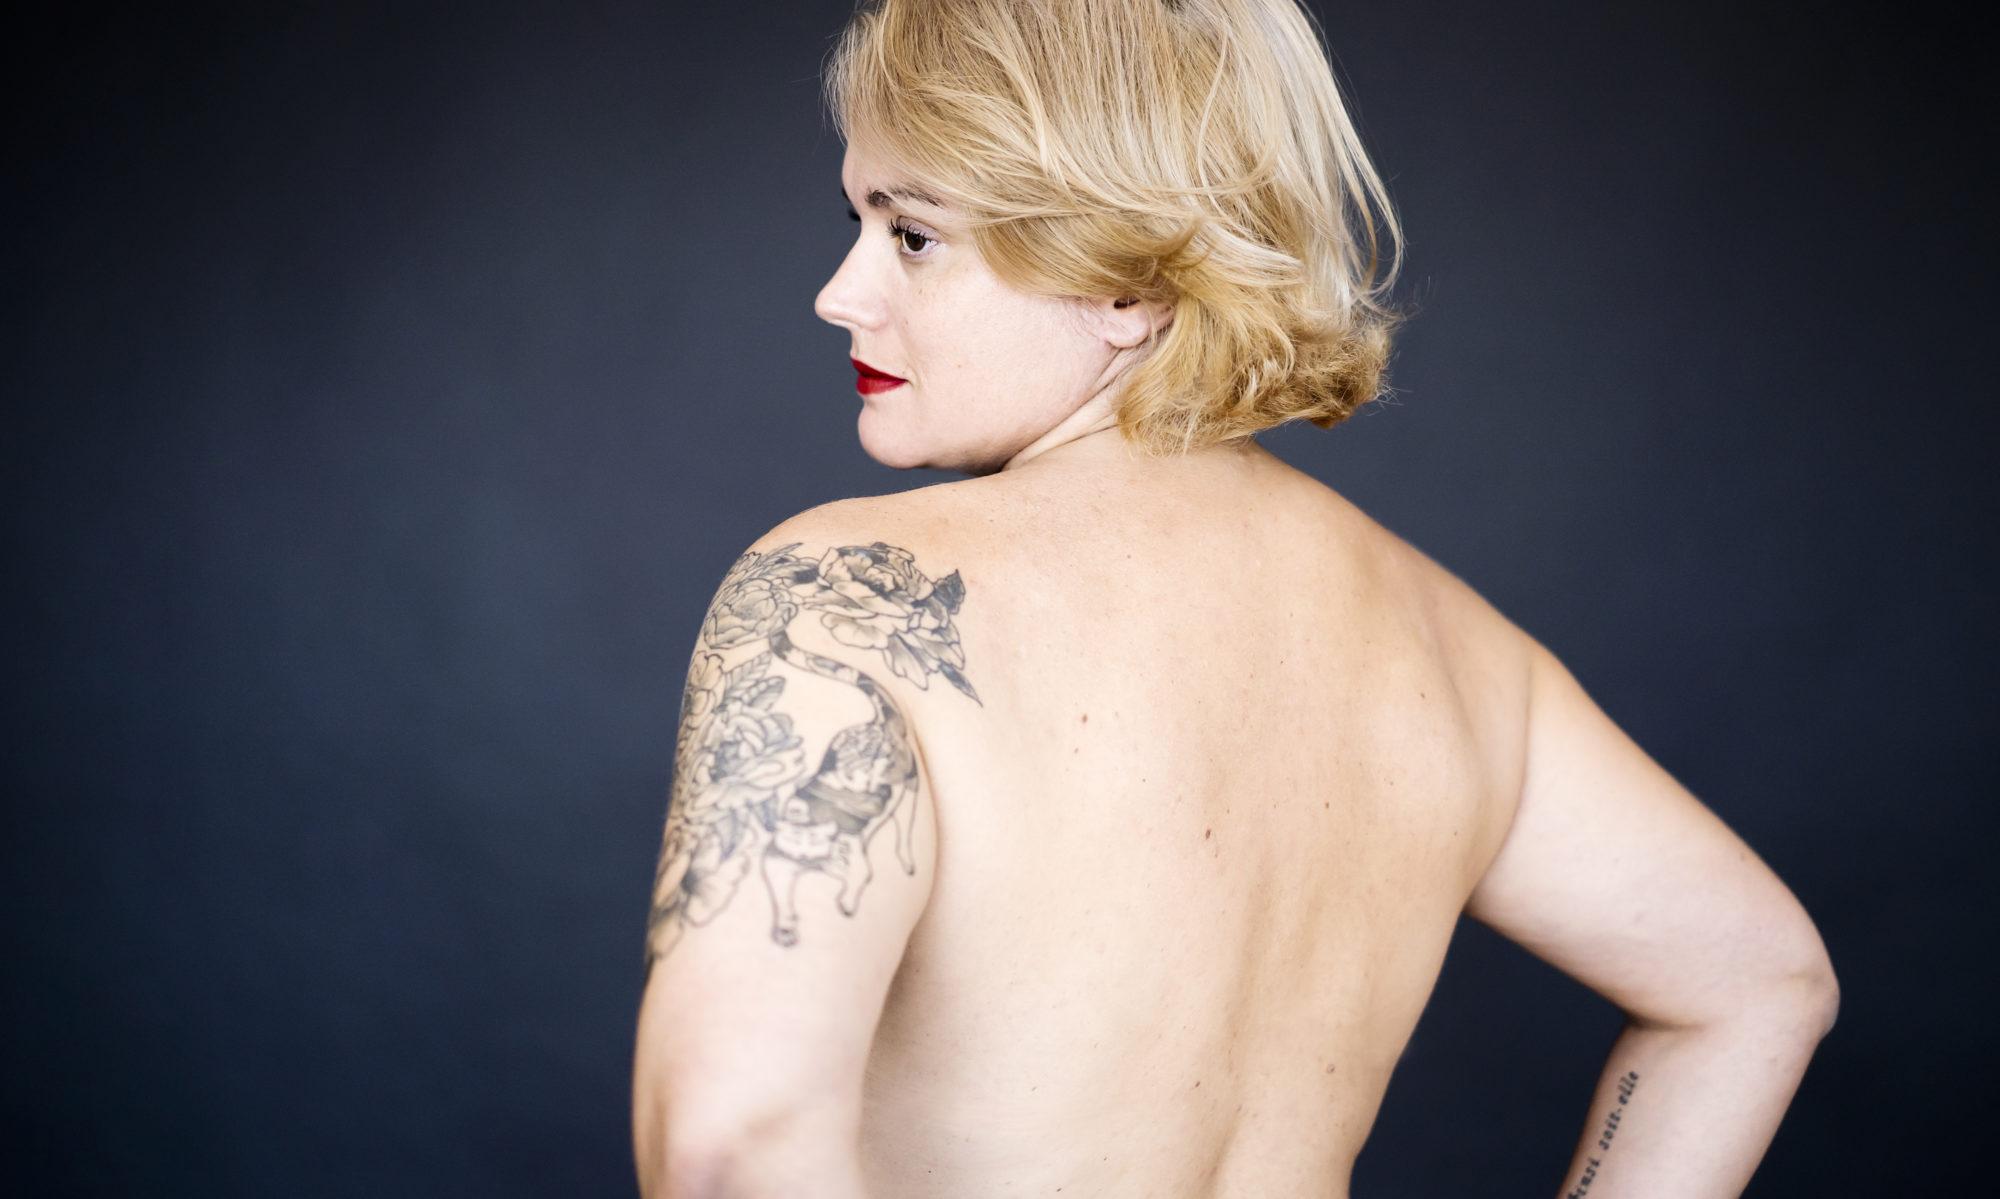 Epaule Tattoo